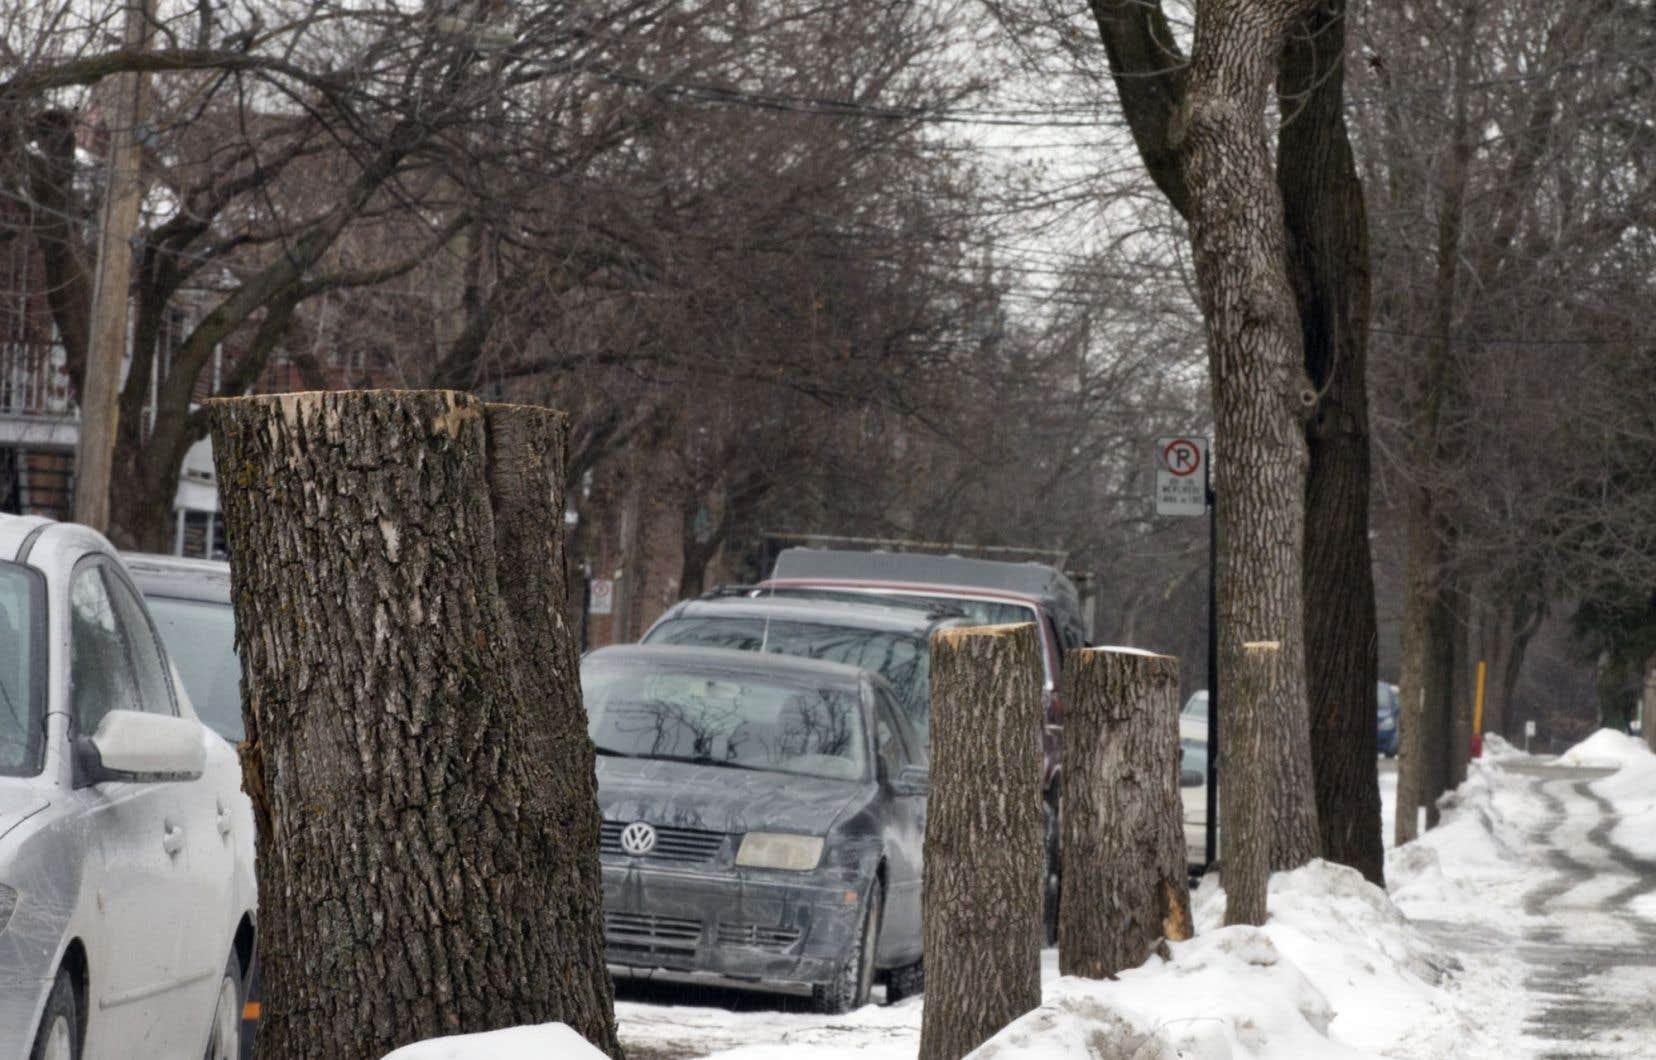 À Montréal, certaines rues ont été dégarnies à cause de l'agrile du frêne, un insecte ravageur d'origine asiatique.